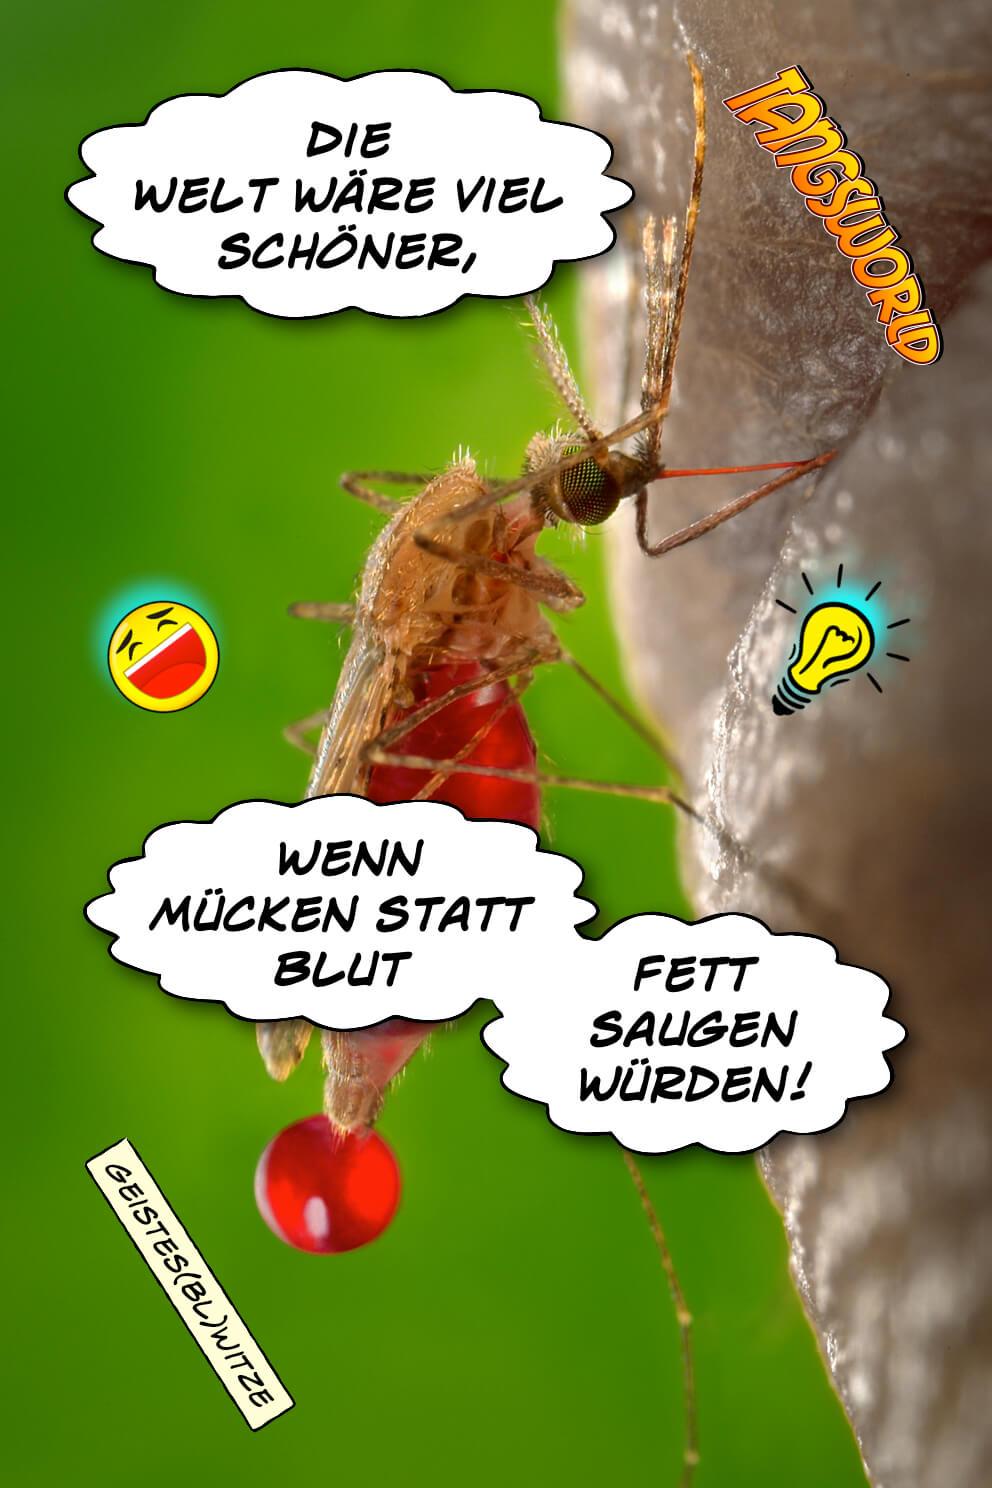 Die Welt wäre viel schöner, wenn Mücken statt Blut Fett saugen würden. - Geistes(bl)witze